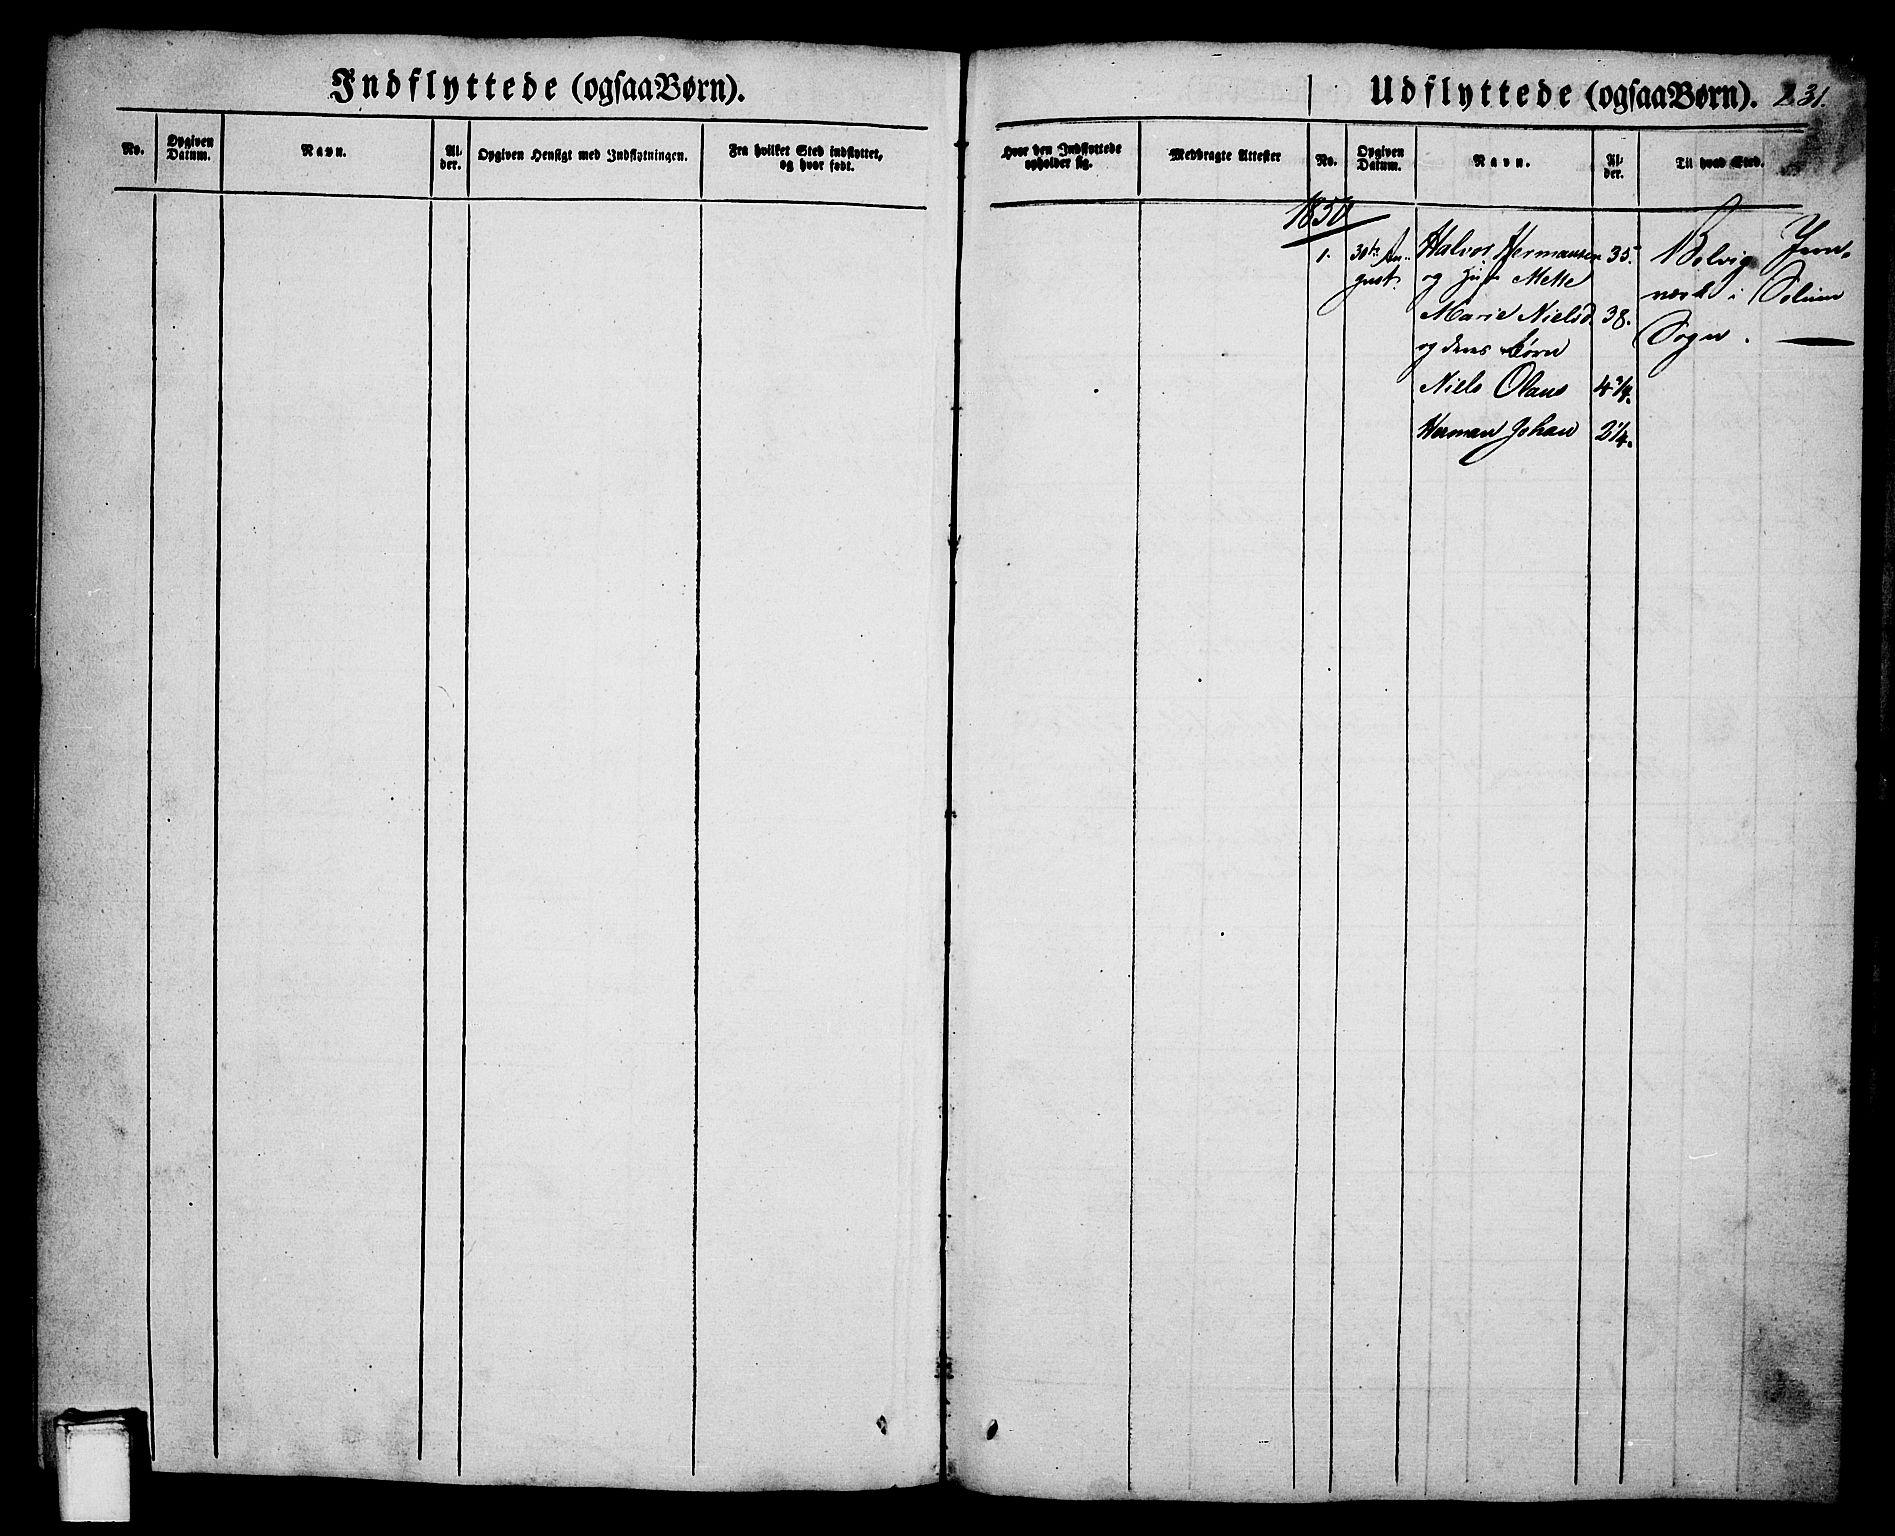 SAKO, Porsgrunn kirkebøker , G/Ga/L0002: Klokkerbok nr. I 2, 1847-1877, s. 231